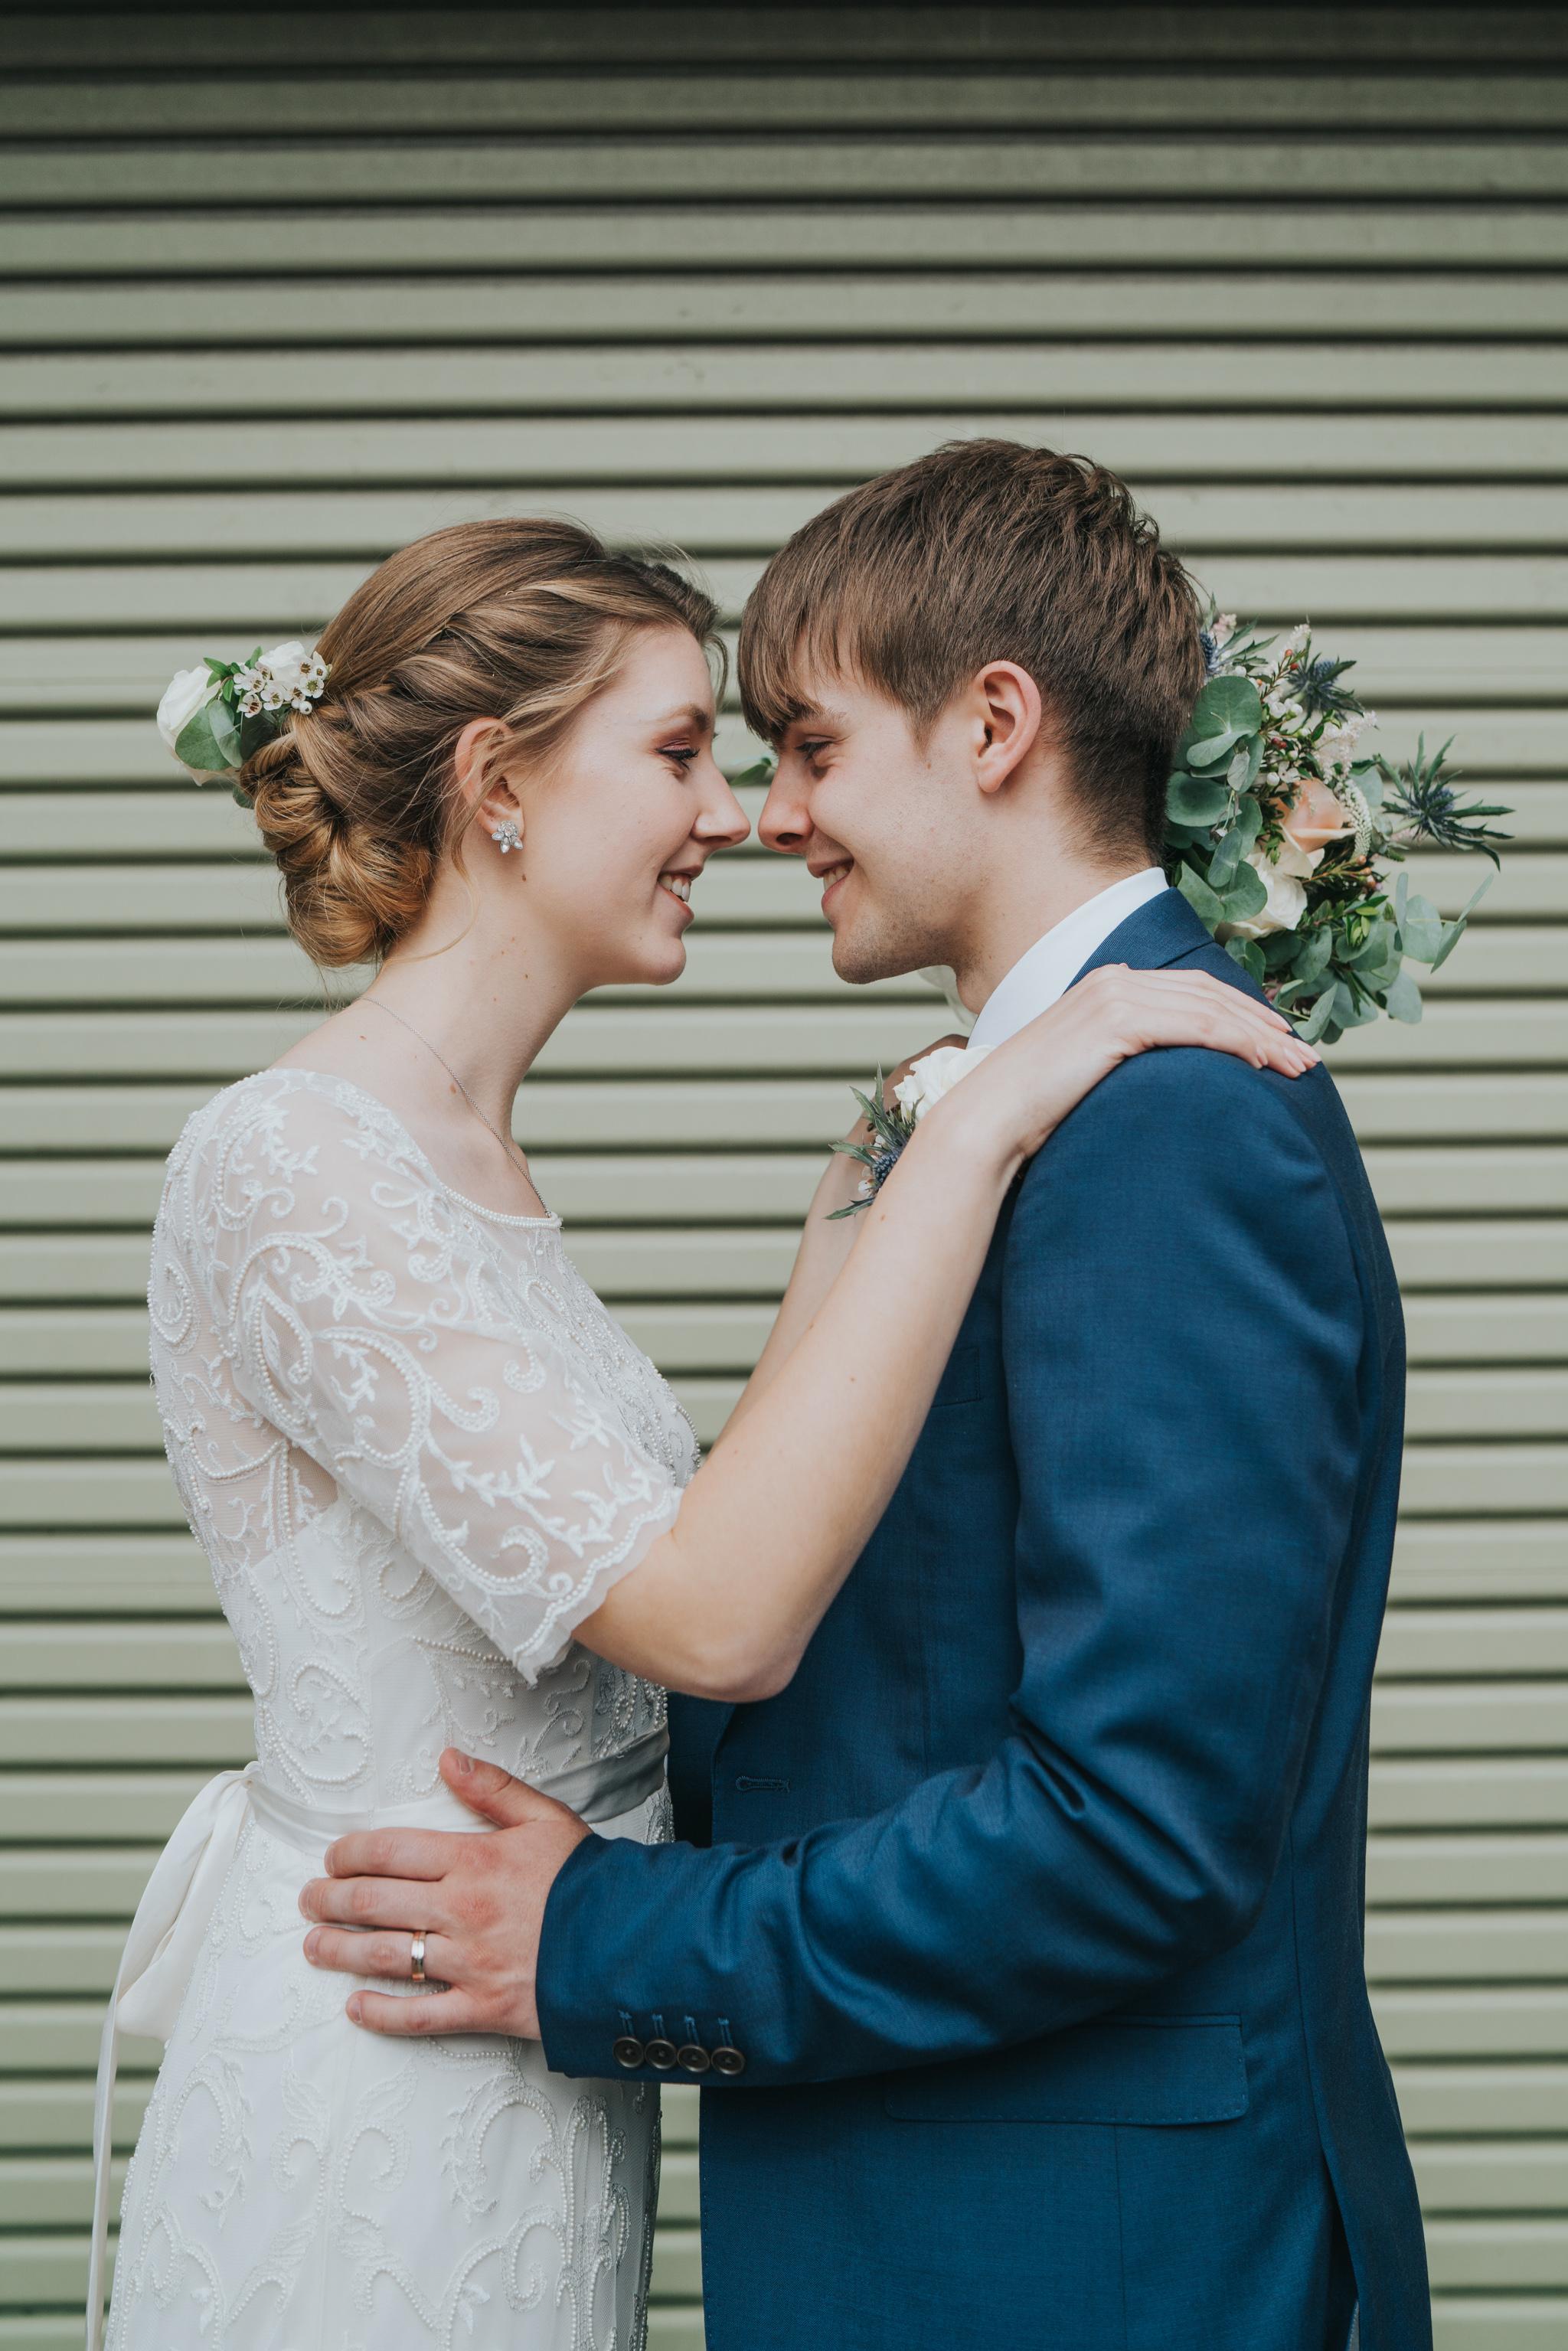 grace-elizabeth-essex-wedding-photographer-best-2018-highlights-norfolk-essex-devon-suffolk (36 of 100).jpg